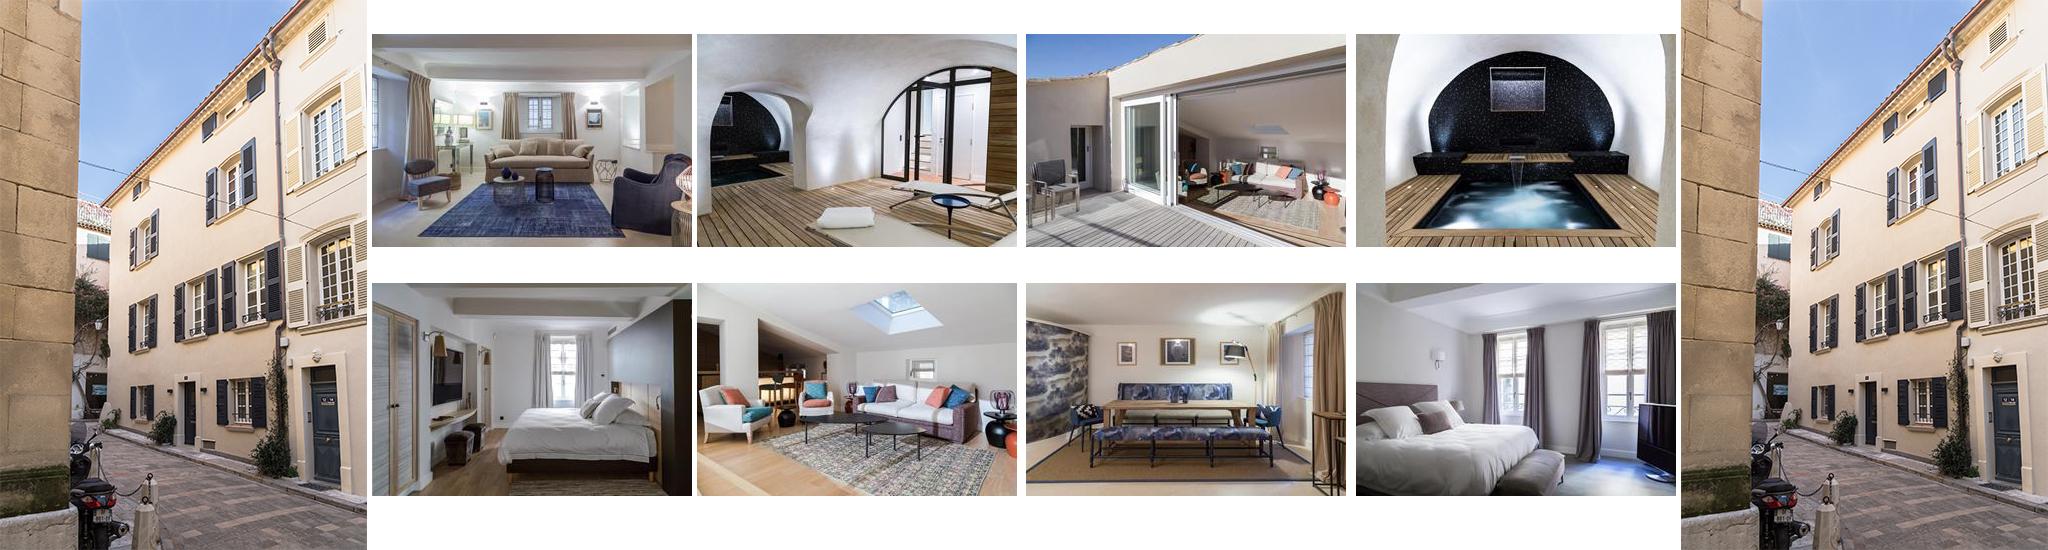 SAINT TROPEZ - 83990 Magnifique maison offrant des prestations de haut standing.     Elle e...